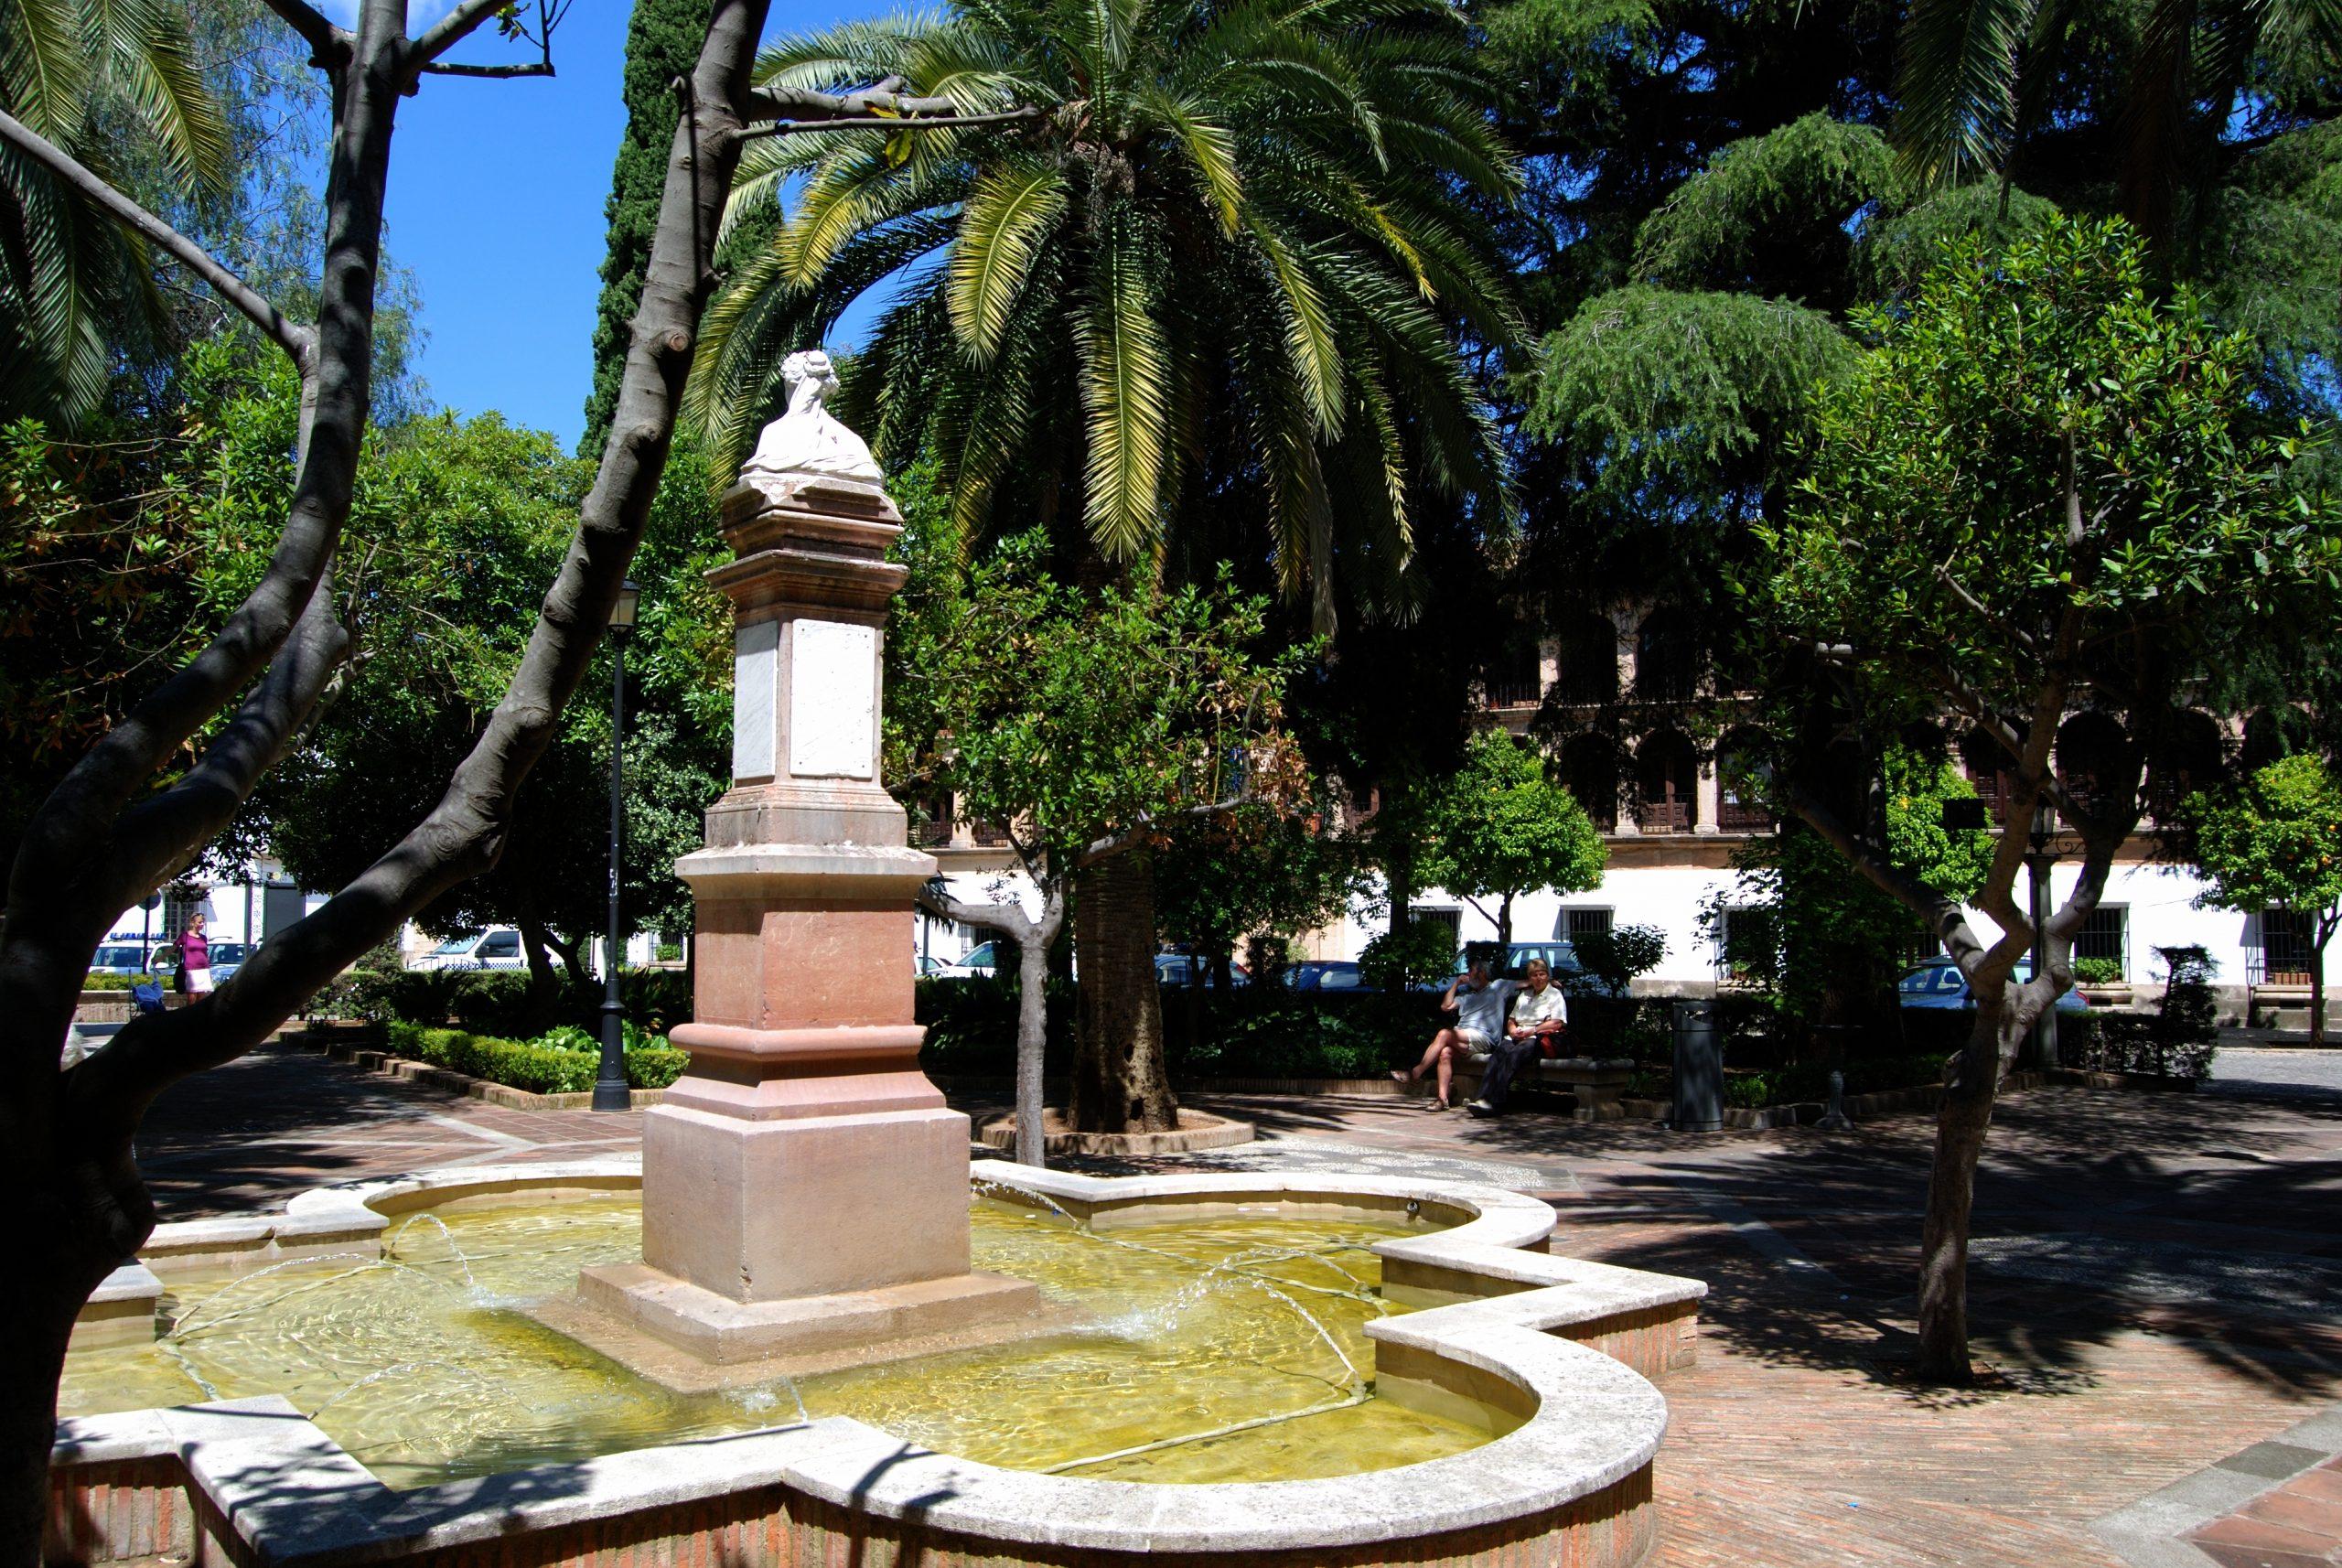 Plaza de la duquesa